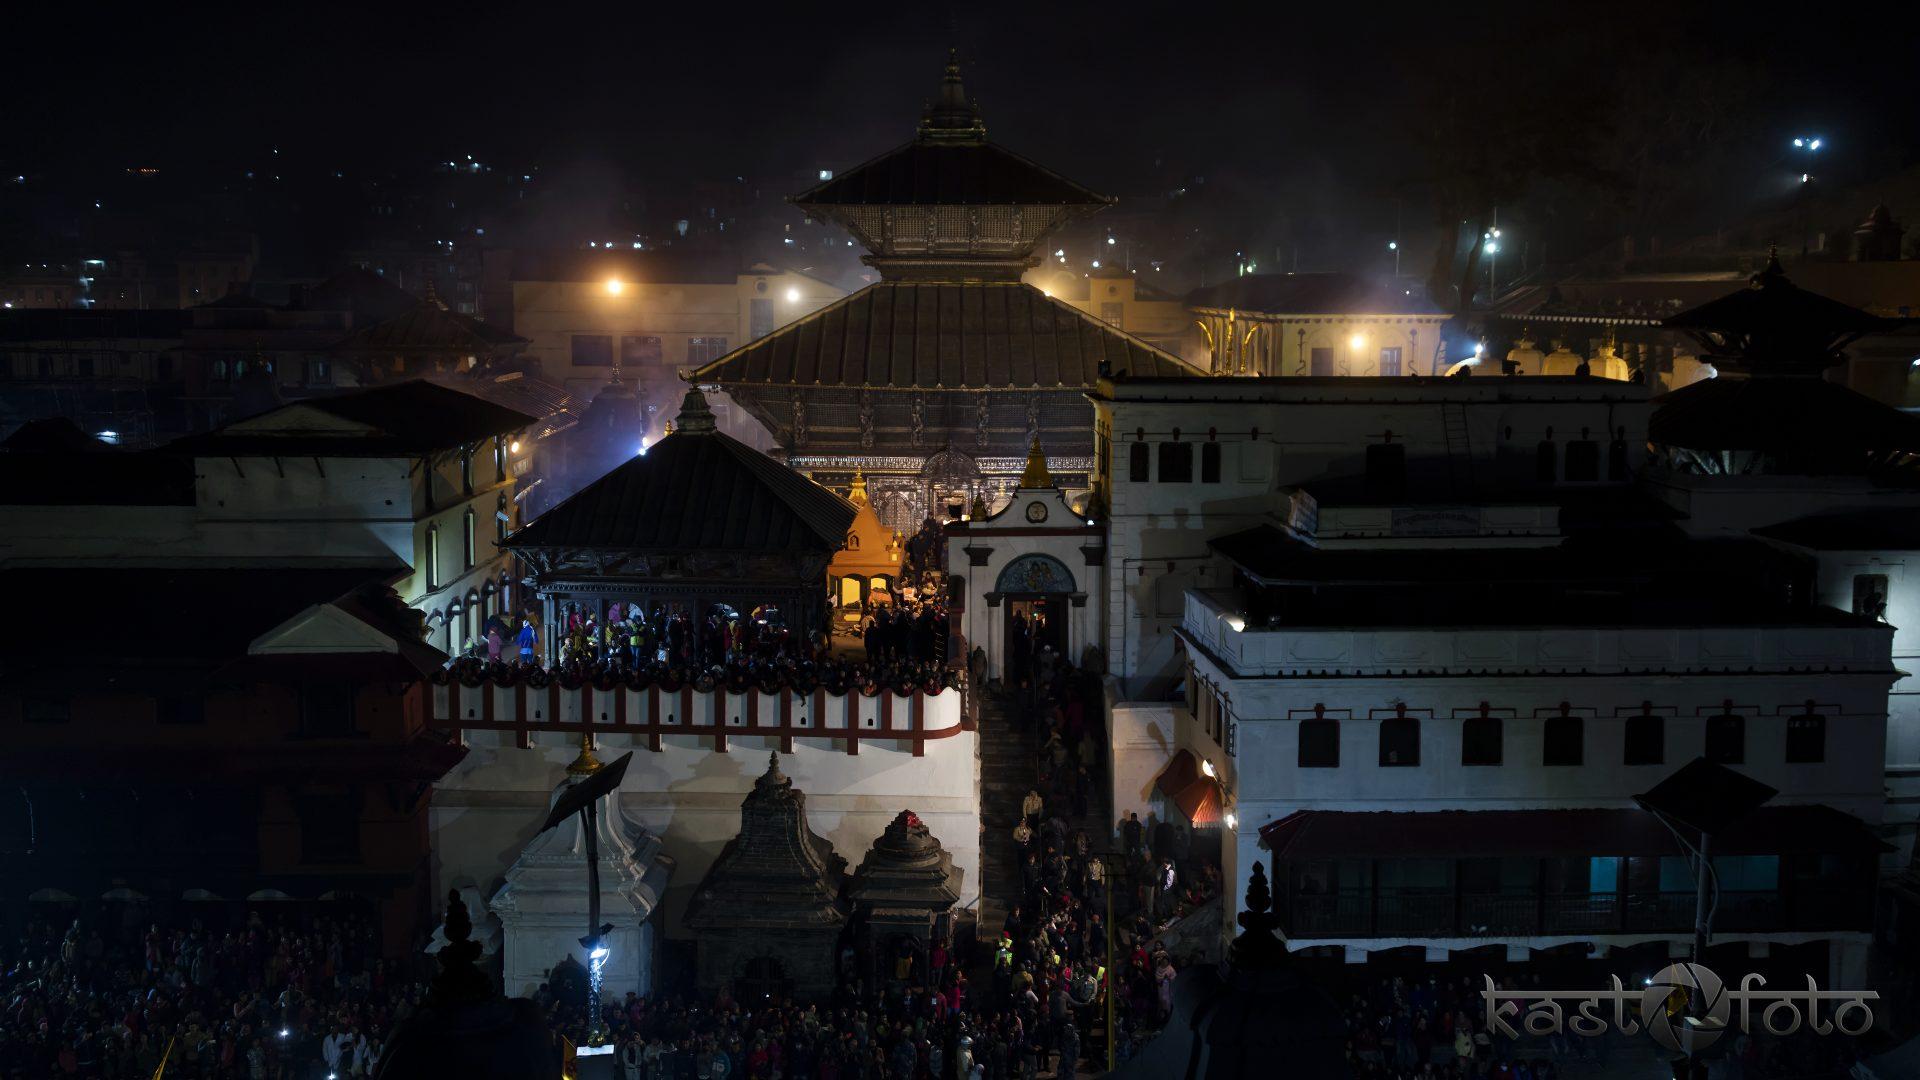 dating steder omkring kathmandu dalen dating sites i saudi arabien